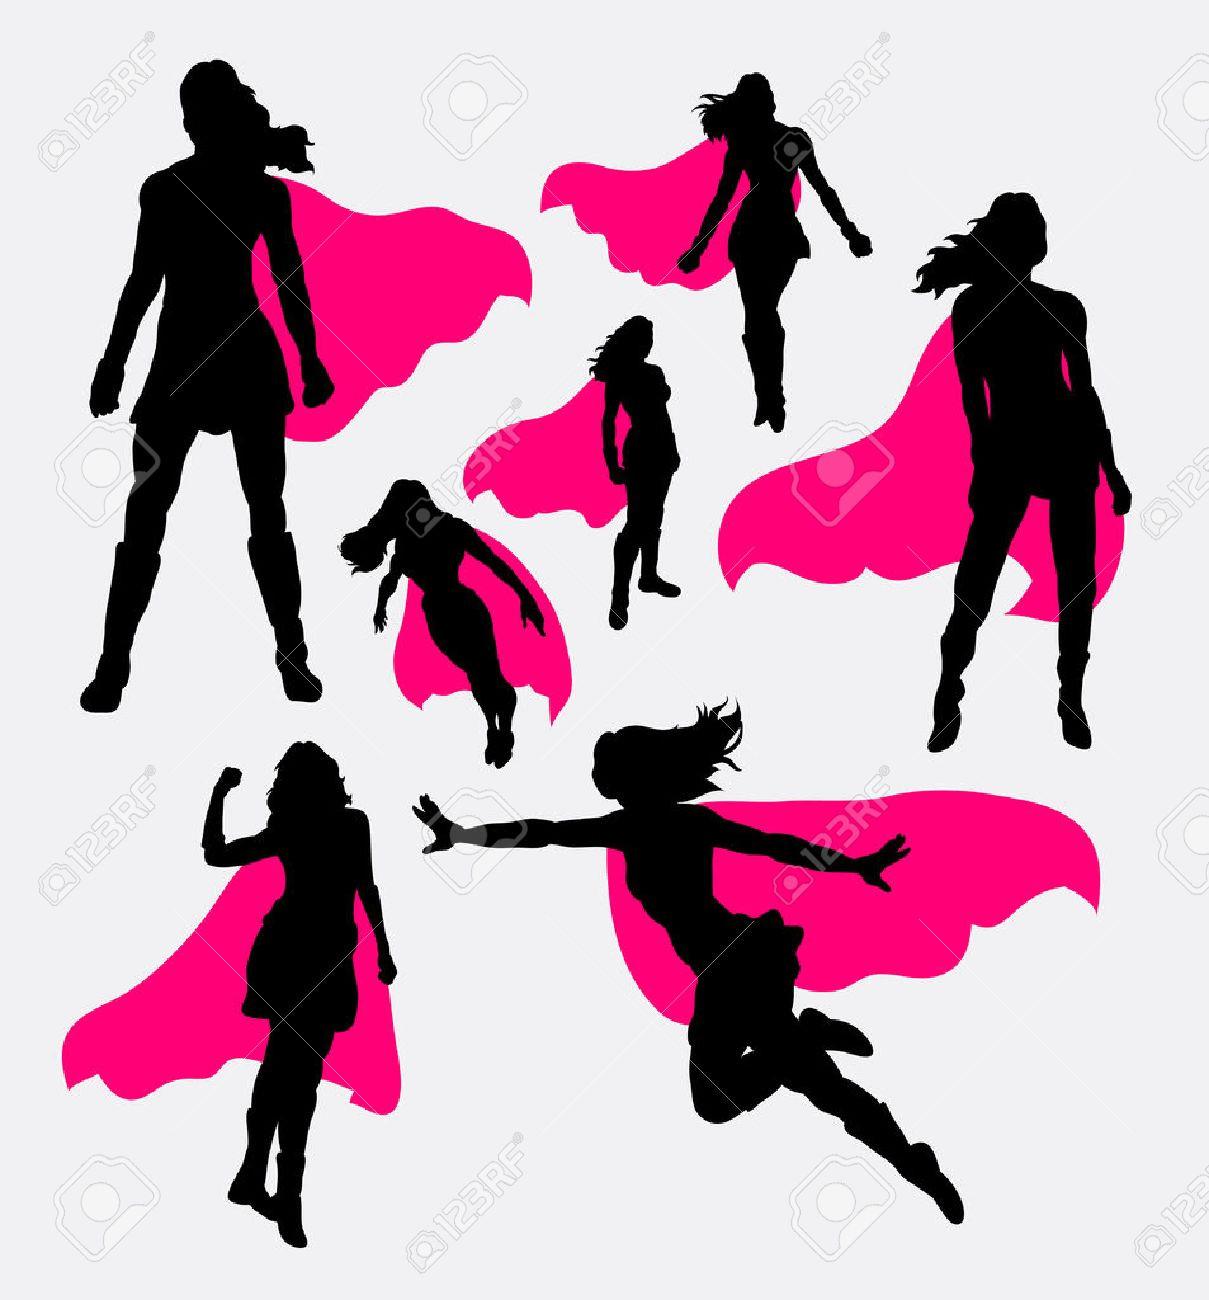 1209x1300 44344832 Female Superhero Silhouettes Fine Silhouette Clip Art